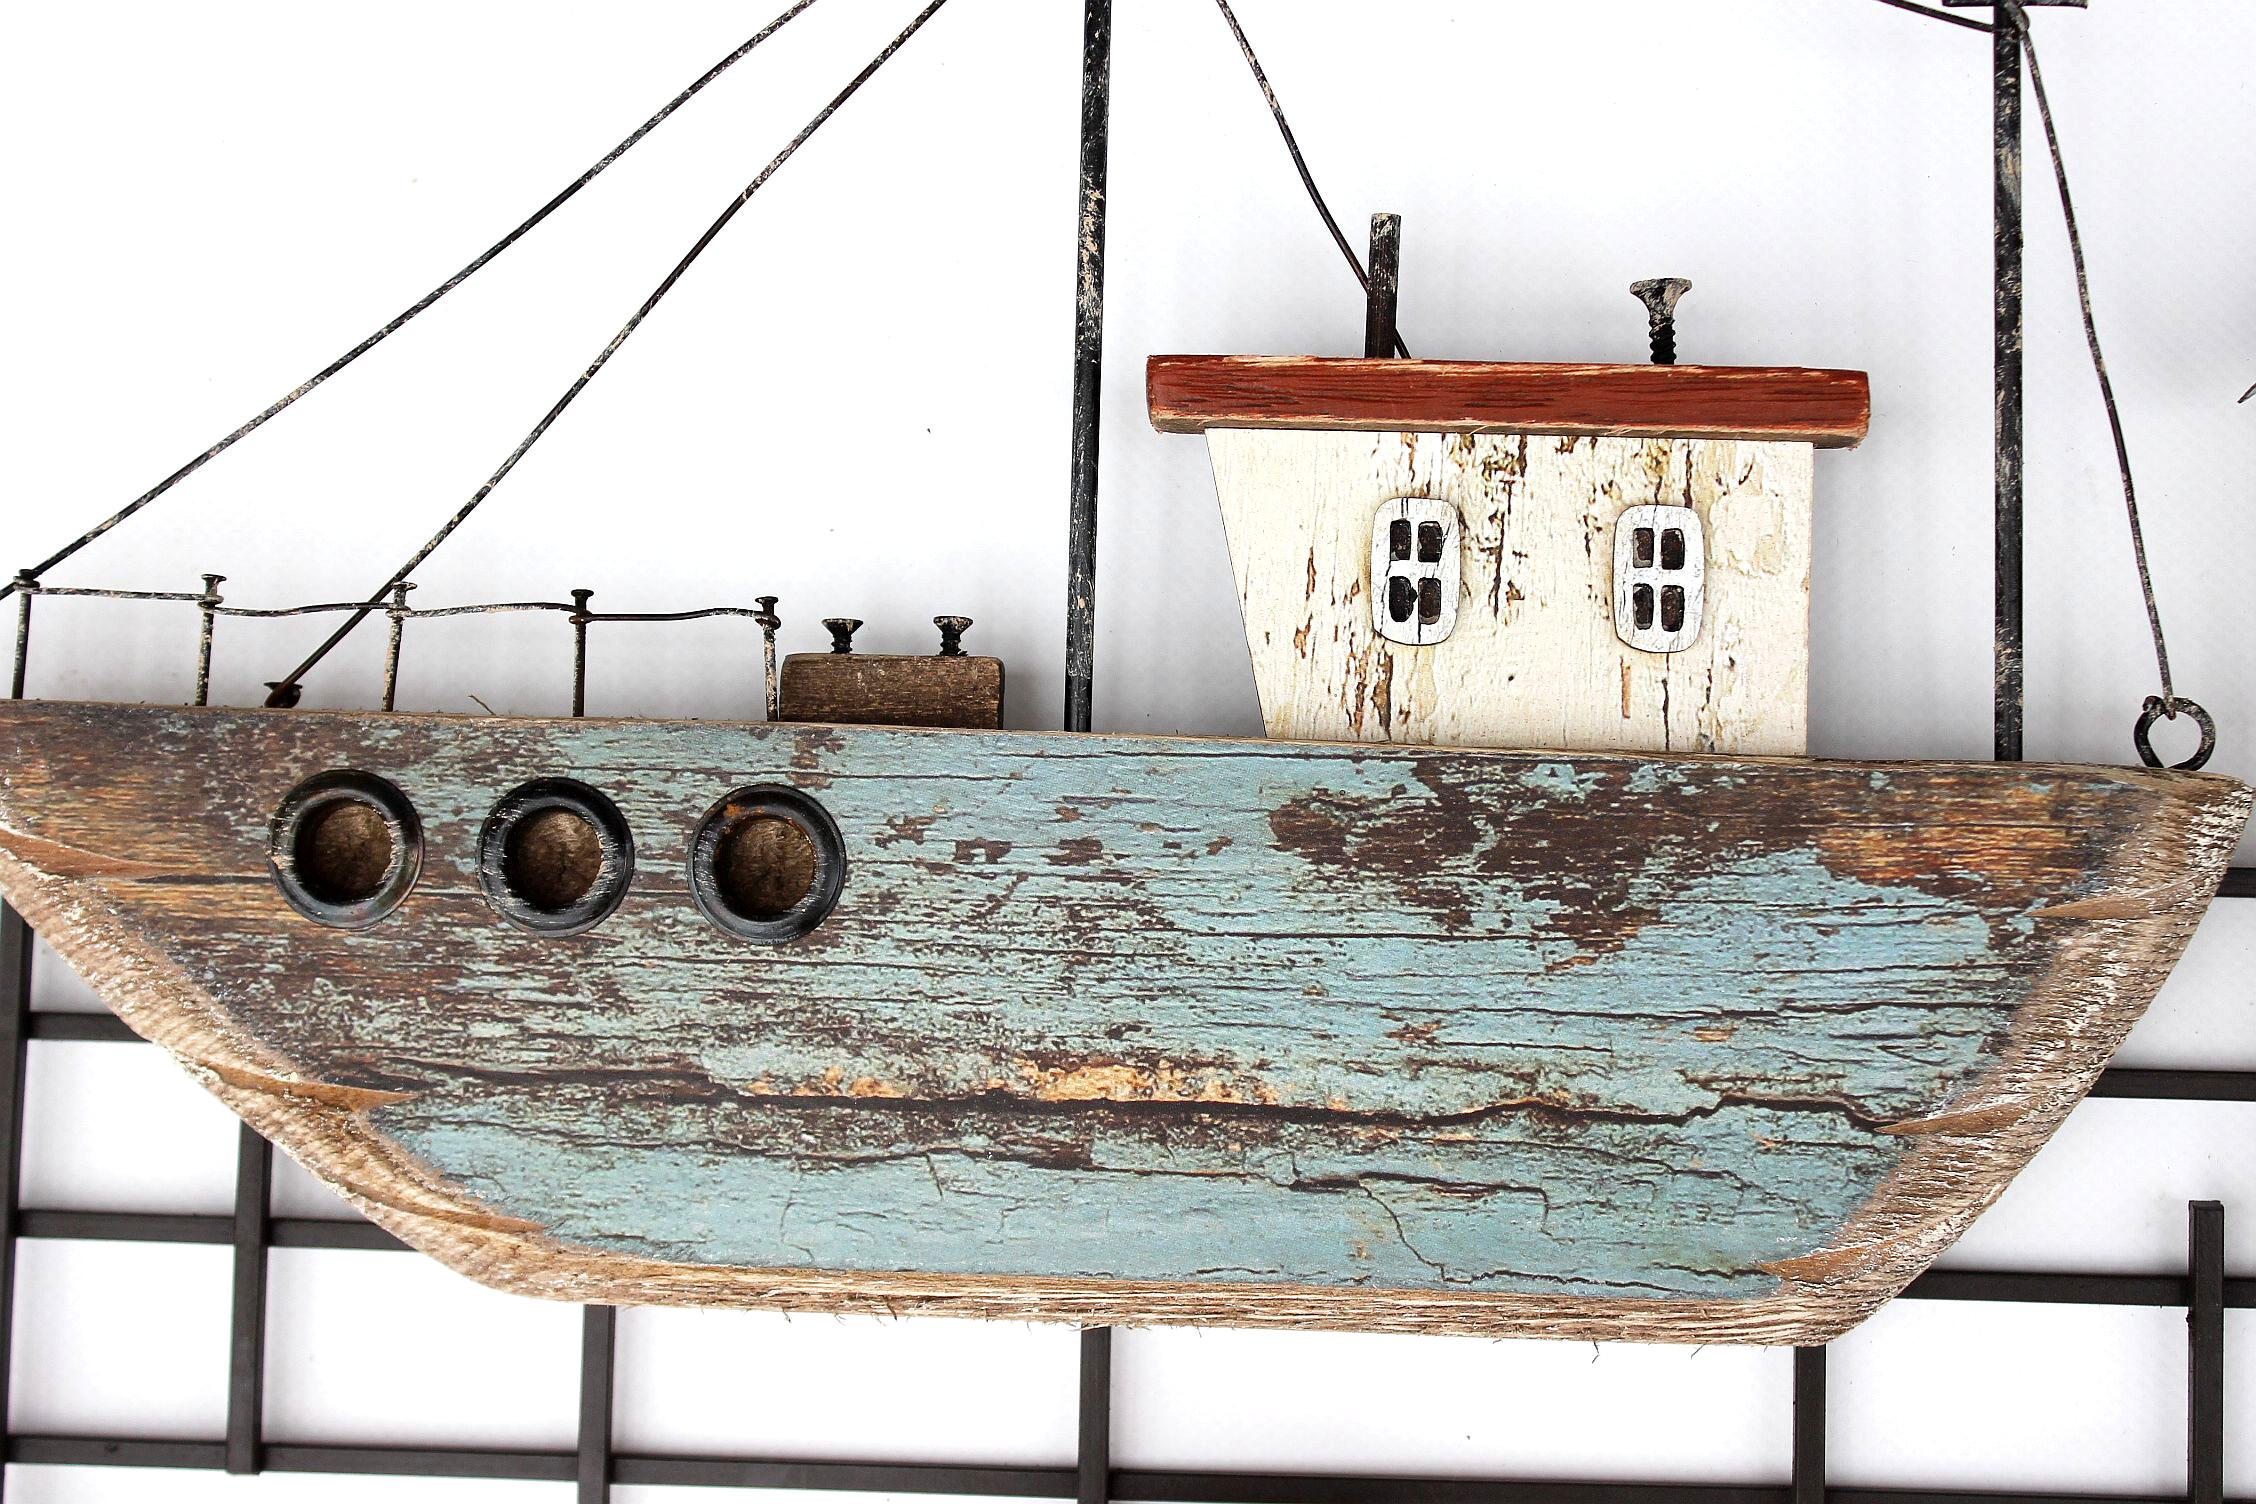 Full Size of Küche Shabby Hakenleiste Schiff Mr52 Garderobenleiste Garderobe Wandgarderobe Ohne Elektrogeräte Landhausstil Vinylboden Landhausküche Gebraucht Wohnzimmer Küche Shabby